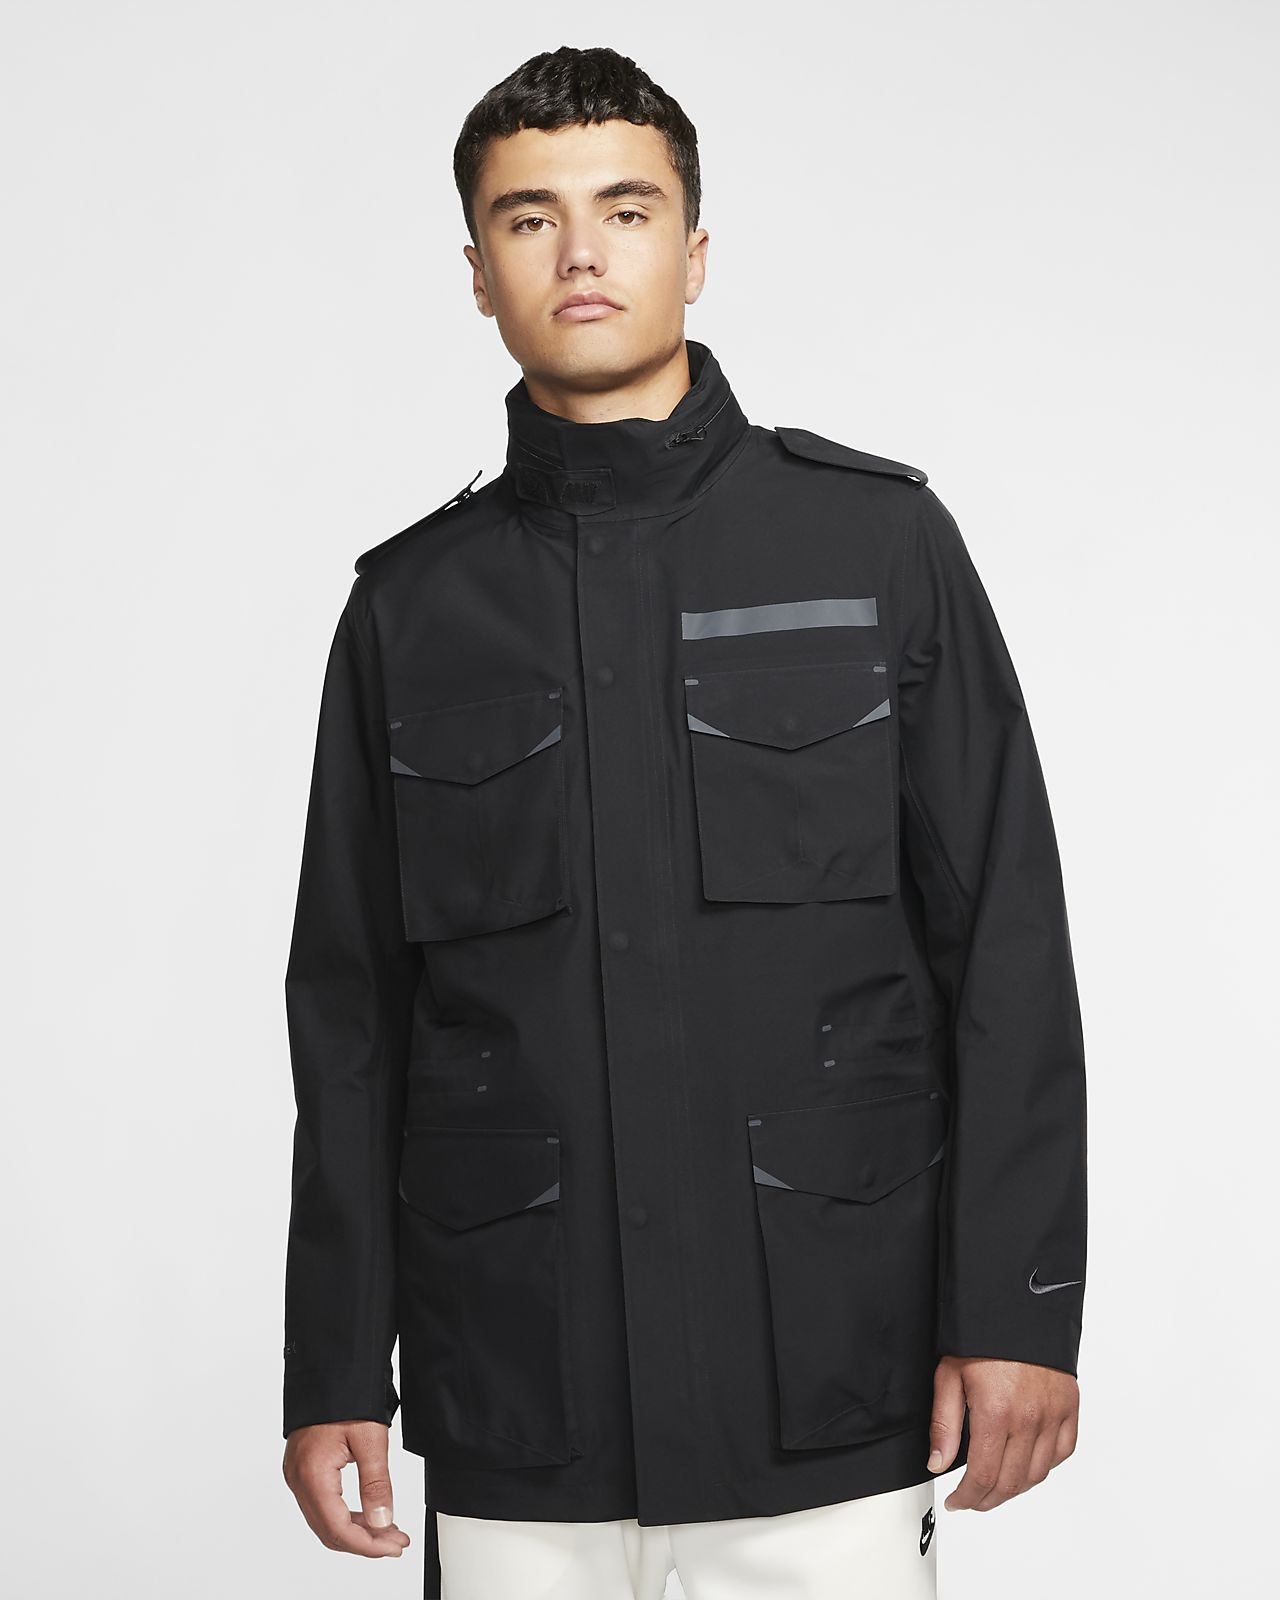 Nike GORE-TEX M65 Men's Jacket